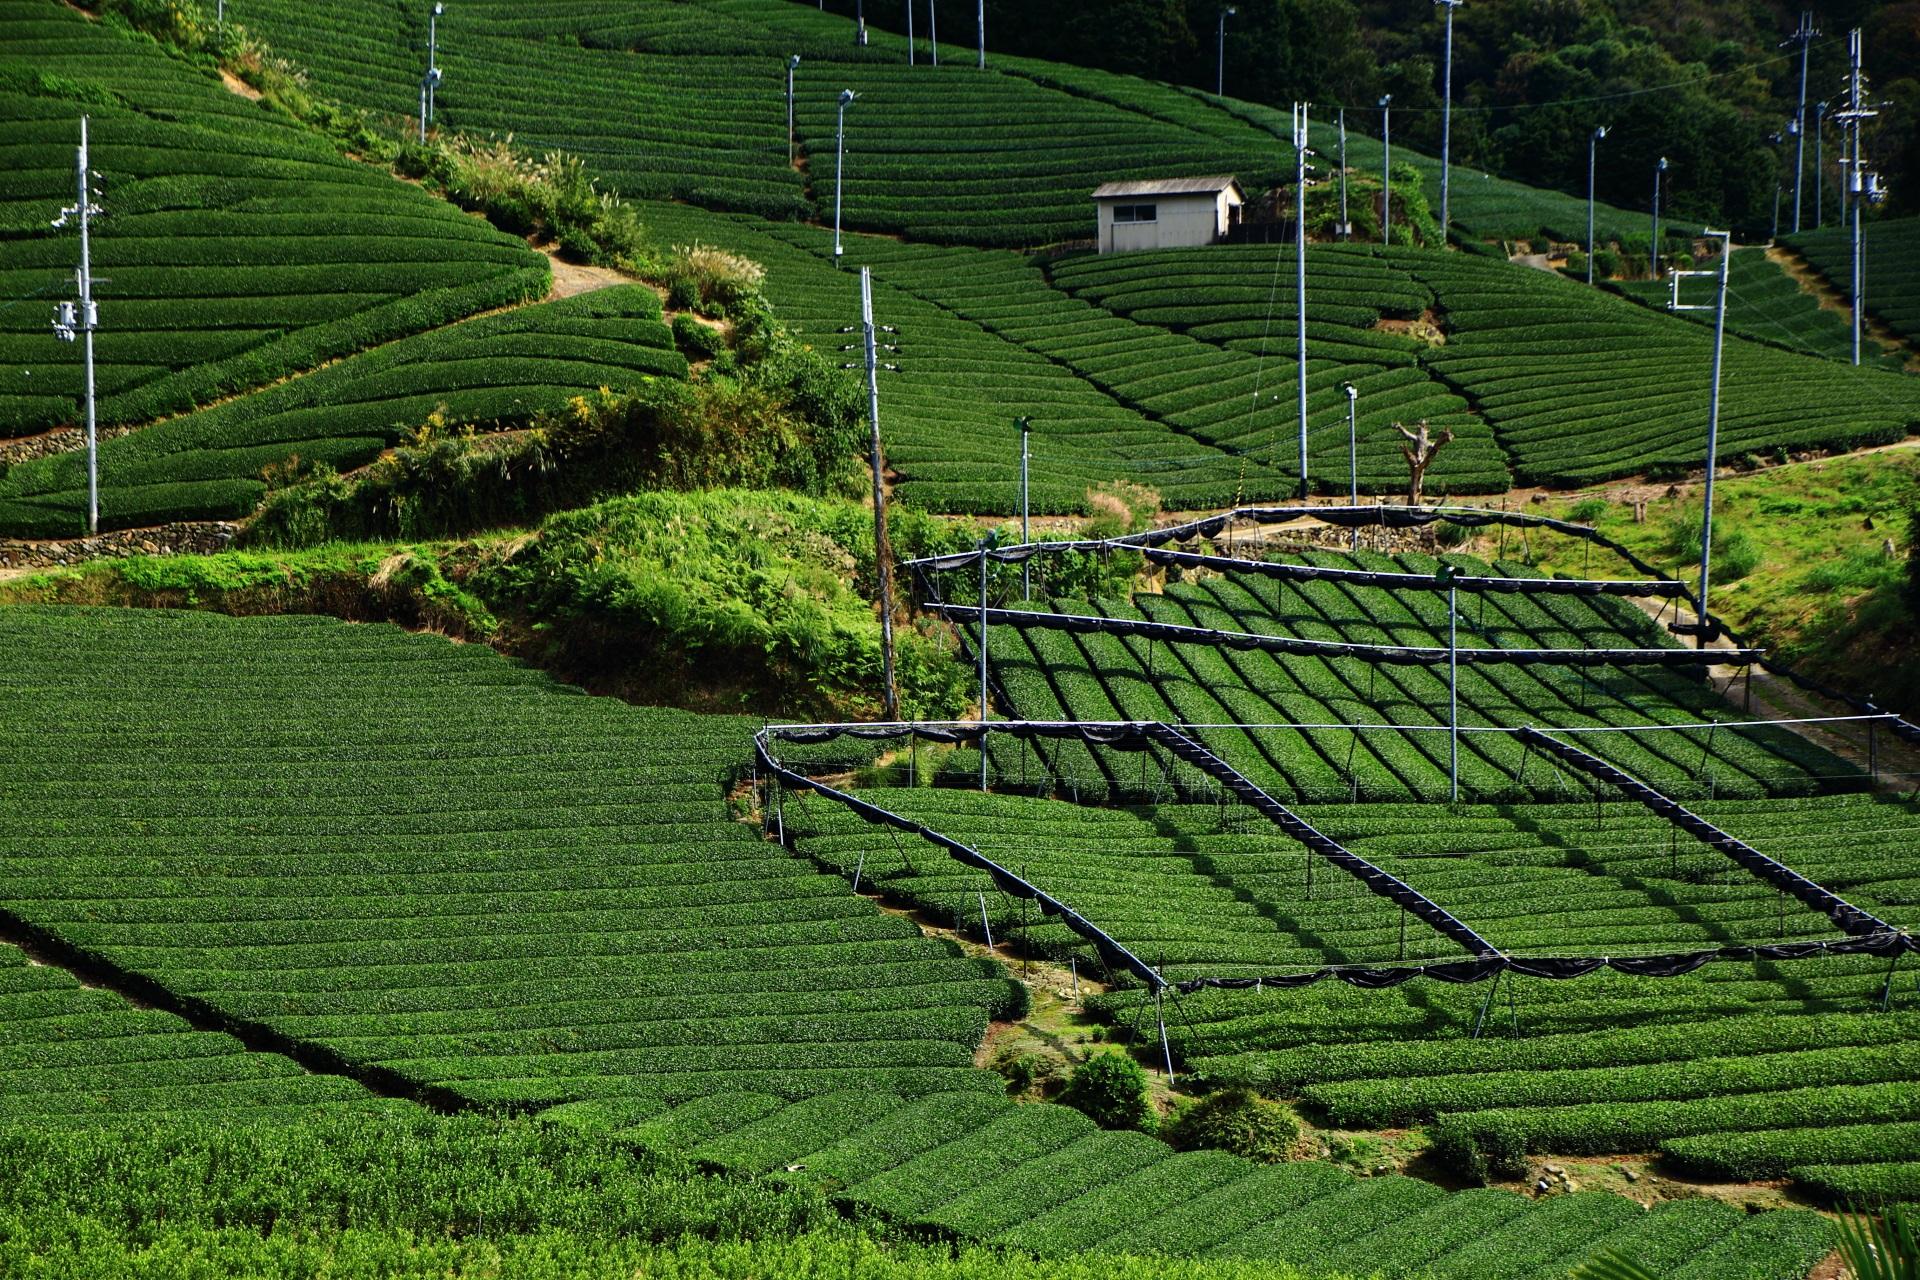 何重にも繋がるいろんな形をしたお茶畑の景色